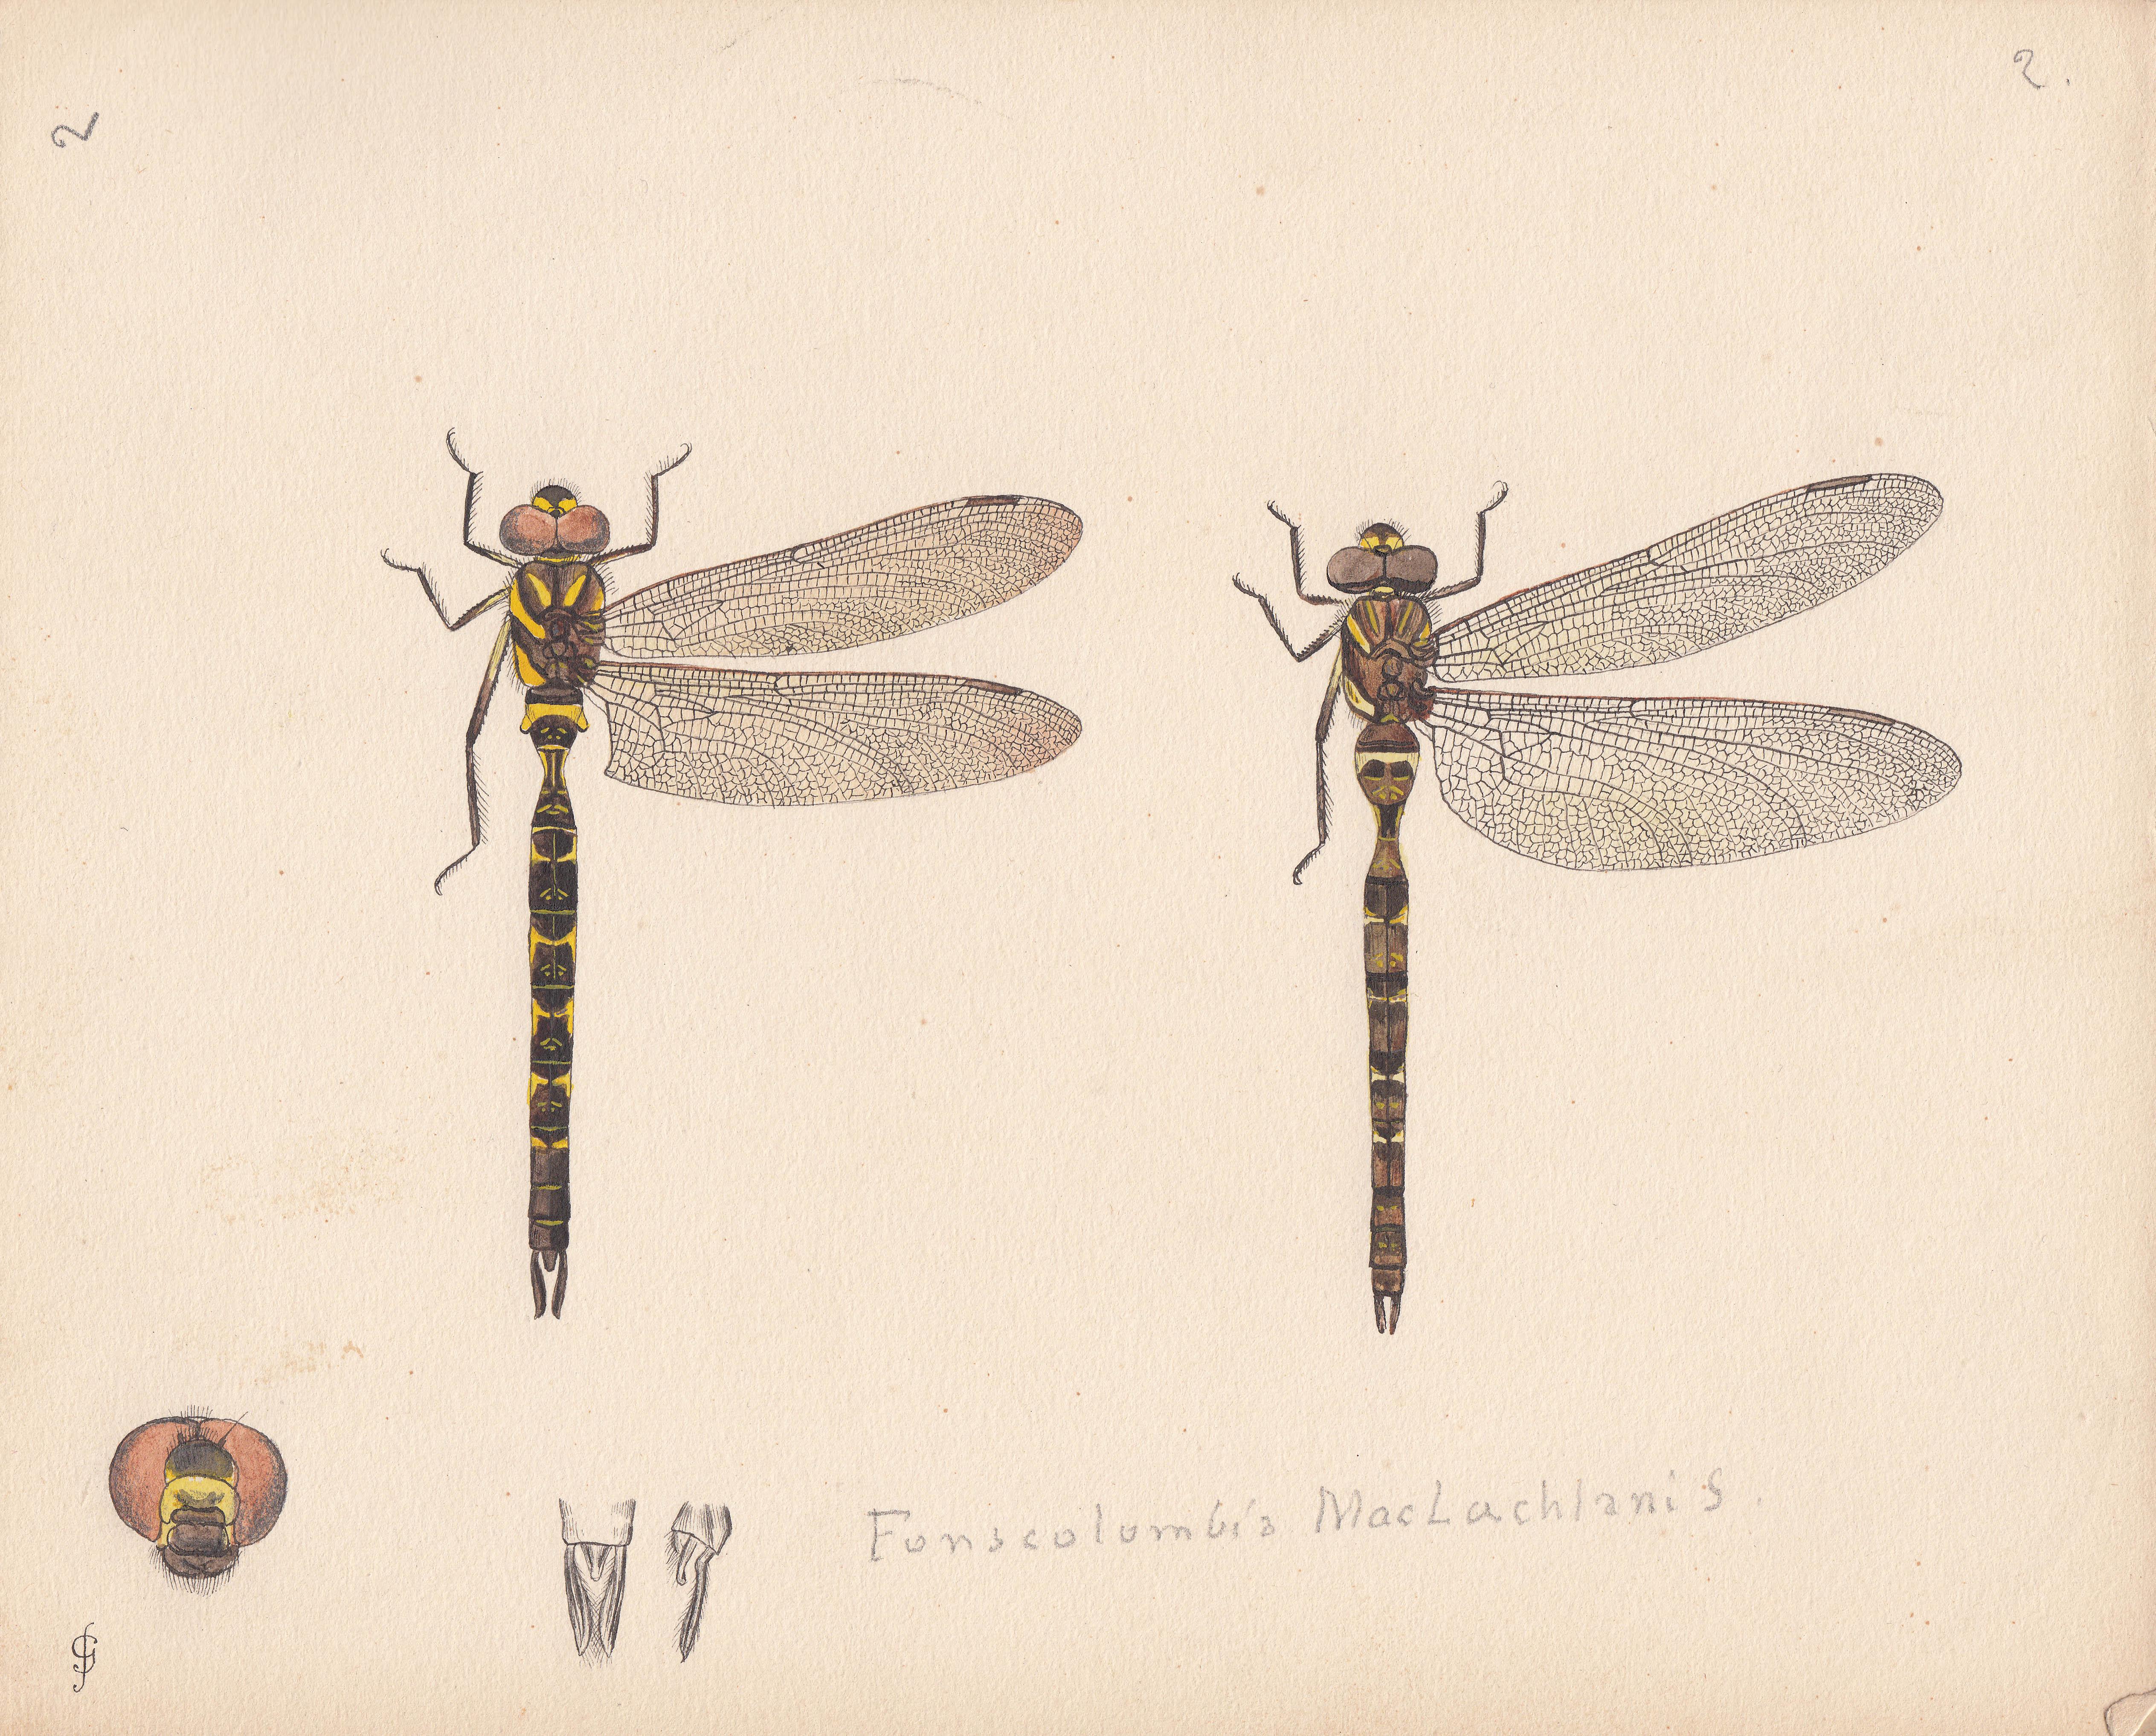 Fonscolombia maclachlani.jpg